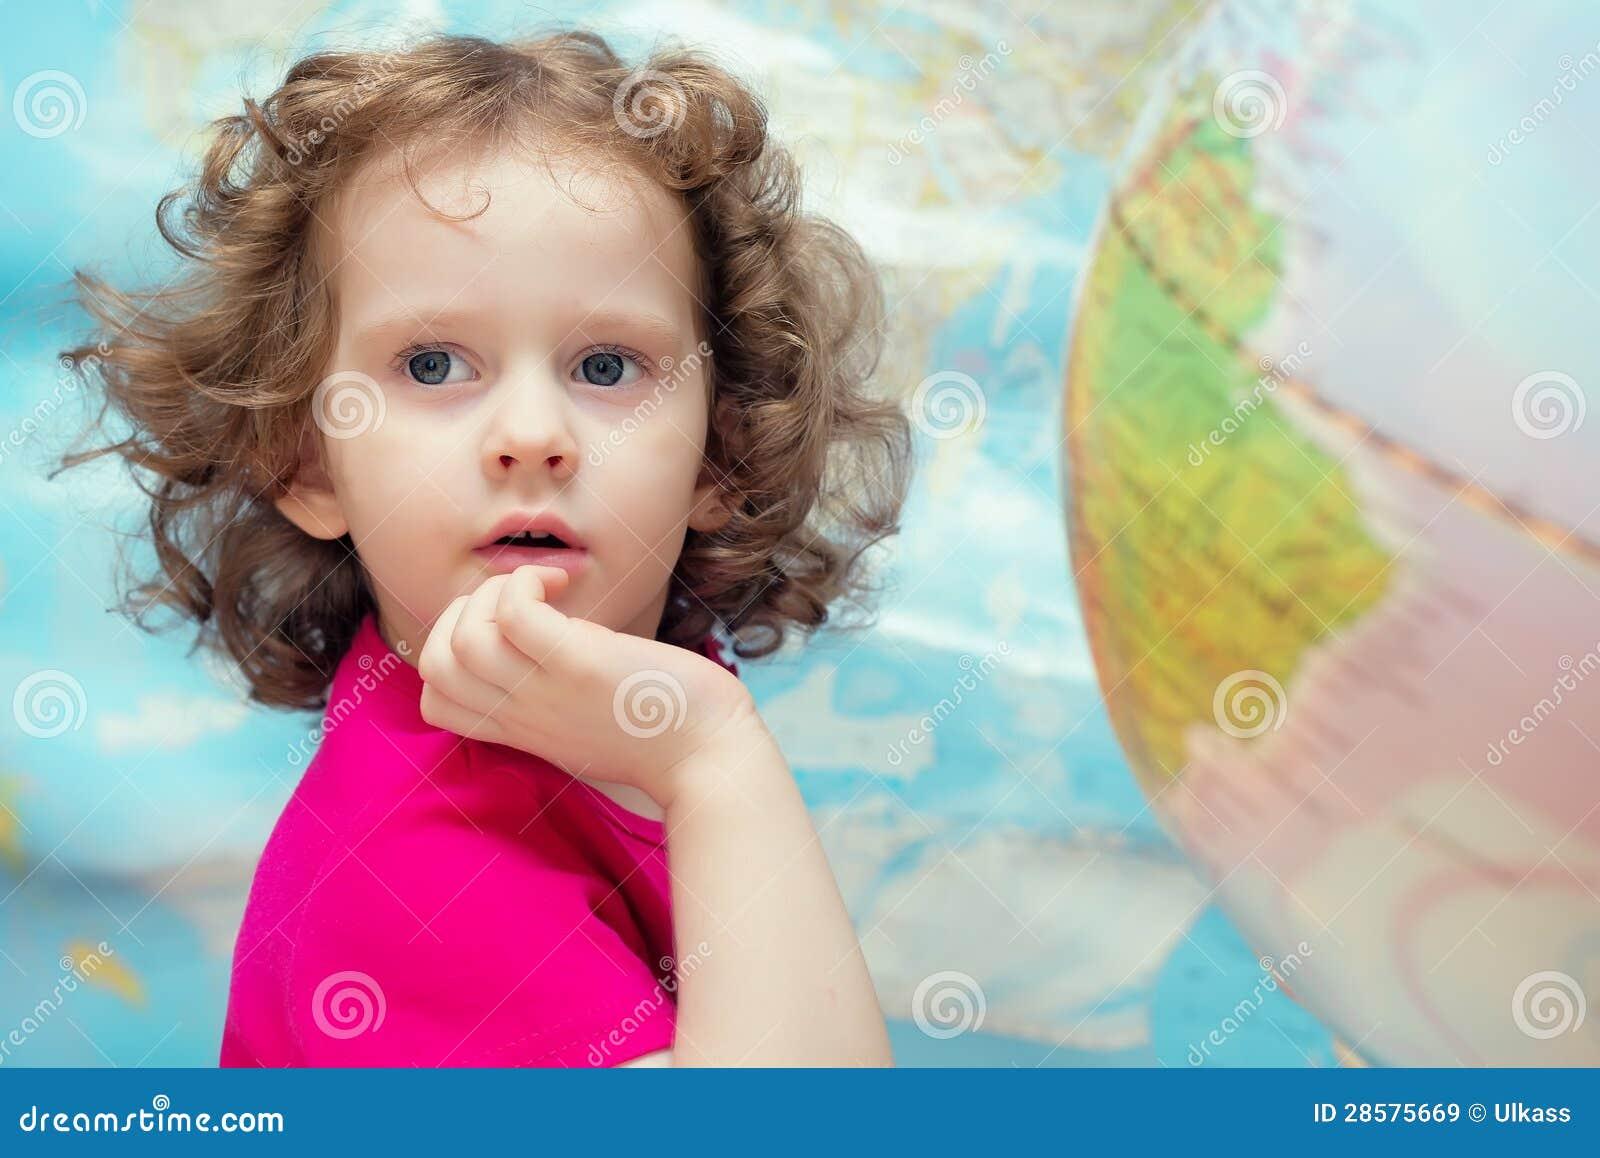 Het slimme meisje kijkt dicht het beeld op de achtergrond o royalty vrije stock afbeeldingen - Beeld het meisje van ...